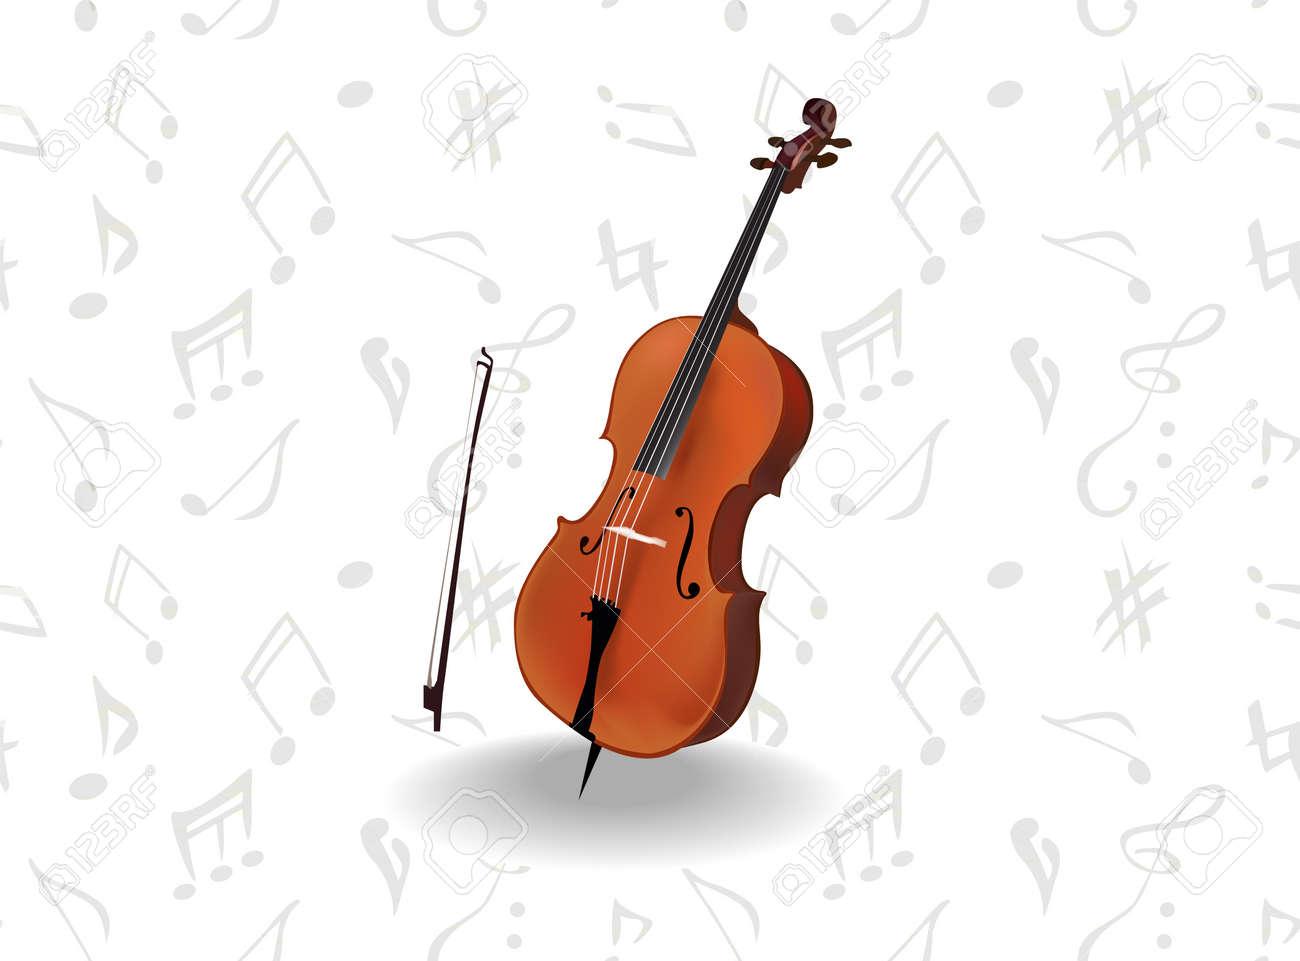 Instrumento Musical Clasico Cello